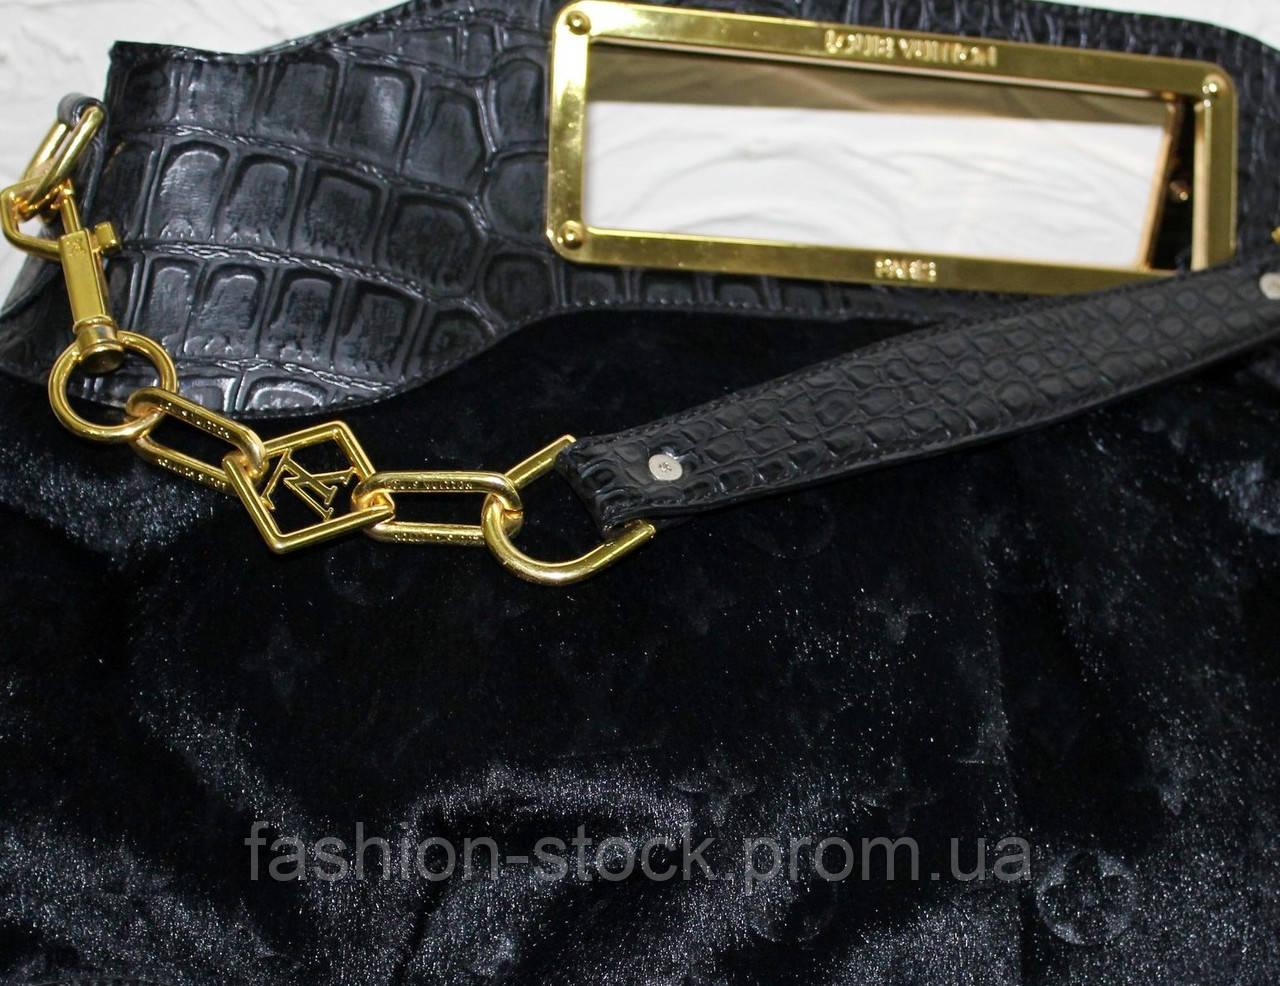 Купить Сумка Louis Vuitton в Днепре от компании